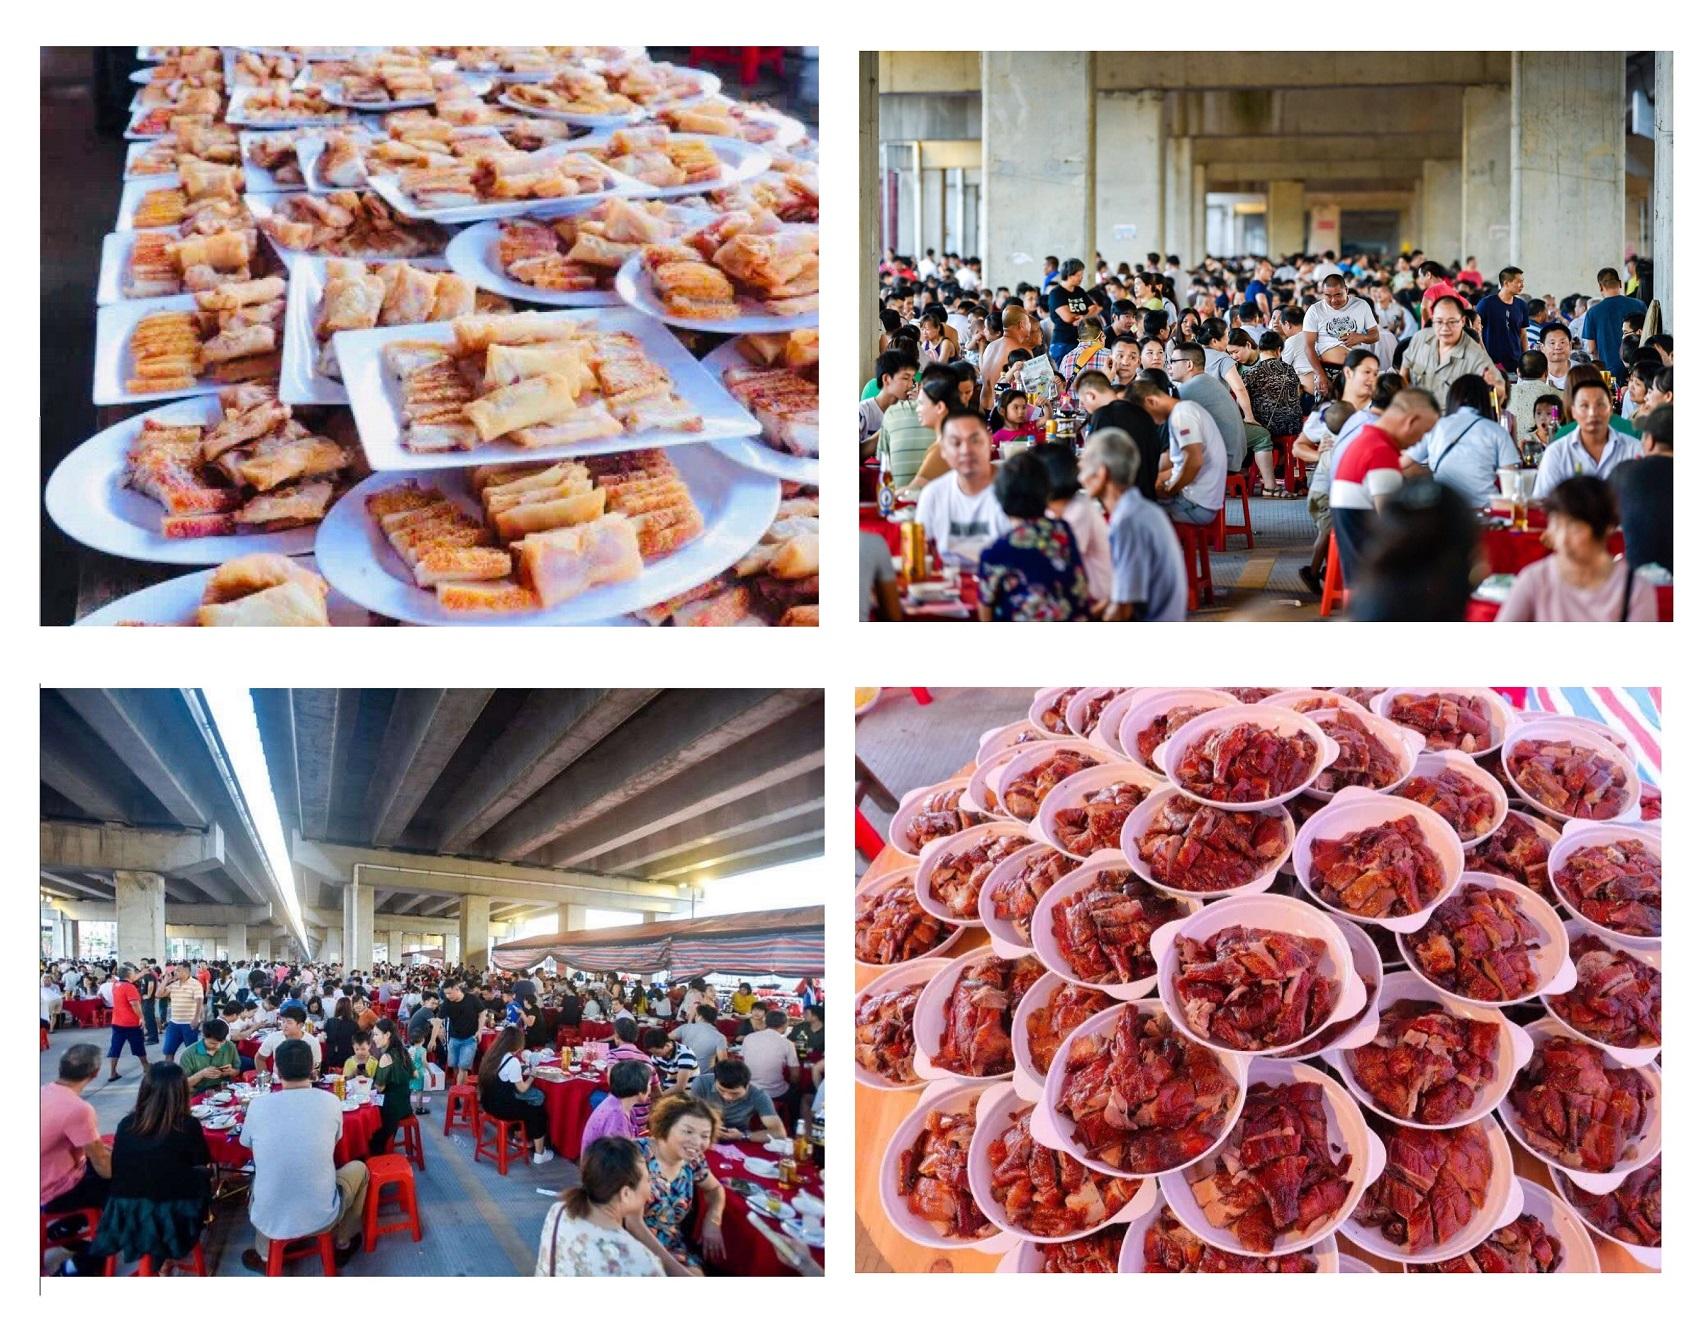 石壁街屏山一村近两万人共享传统龙舟宴,场面浩大.jpg